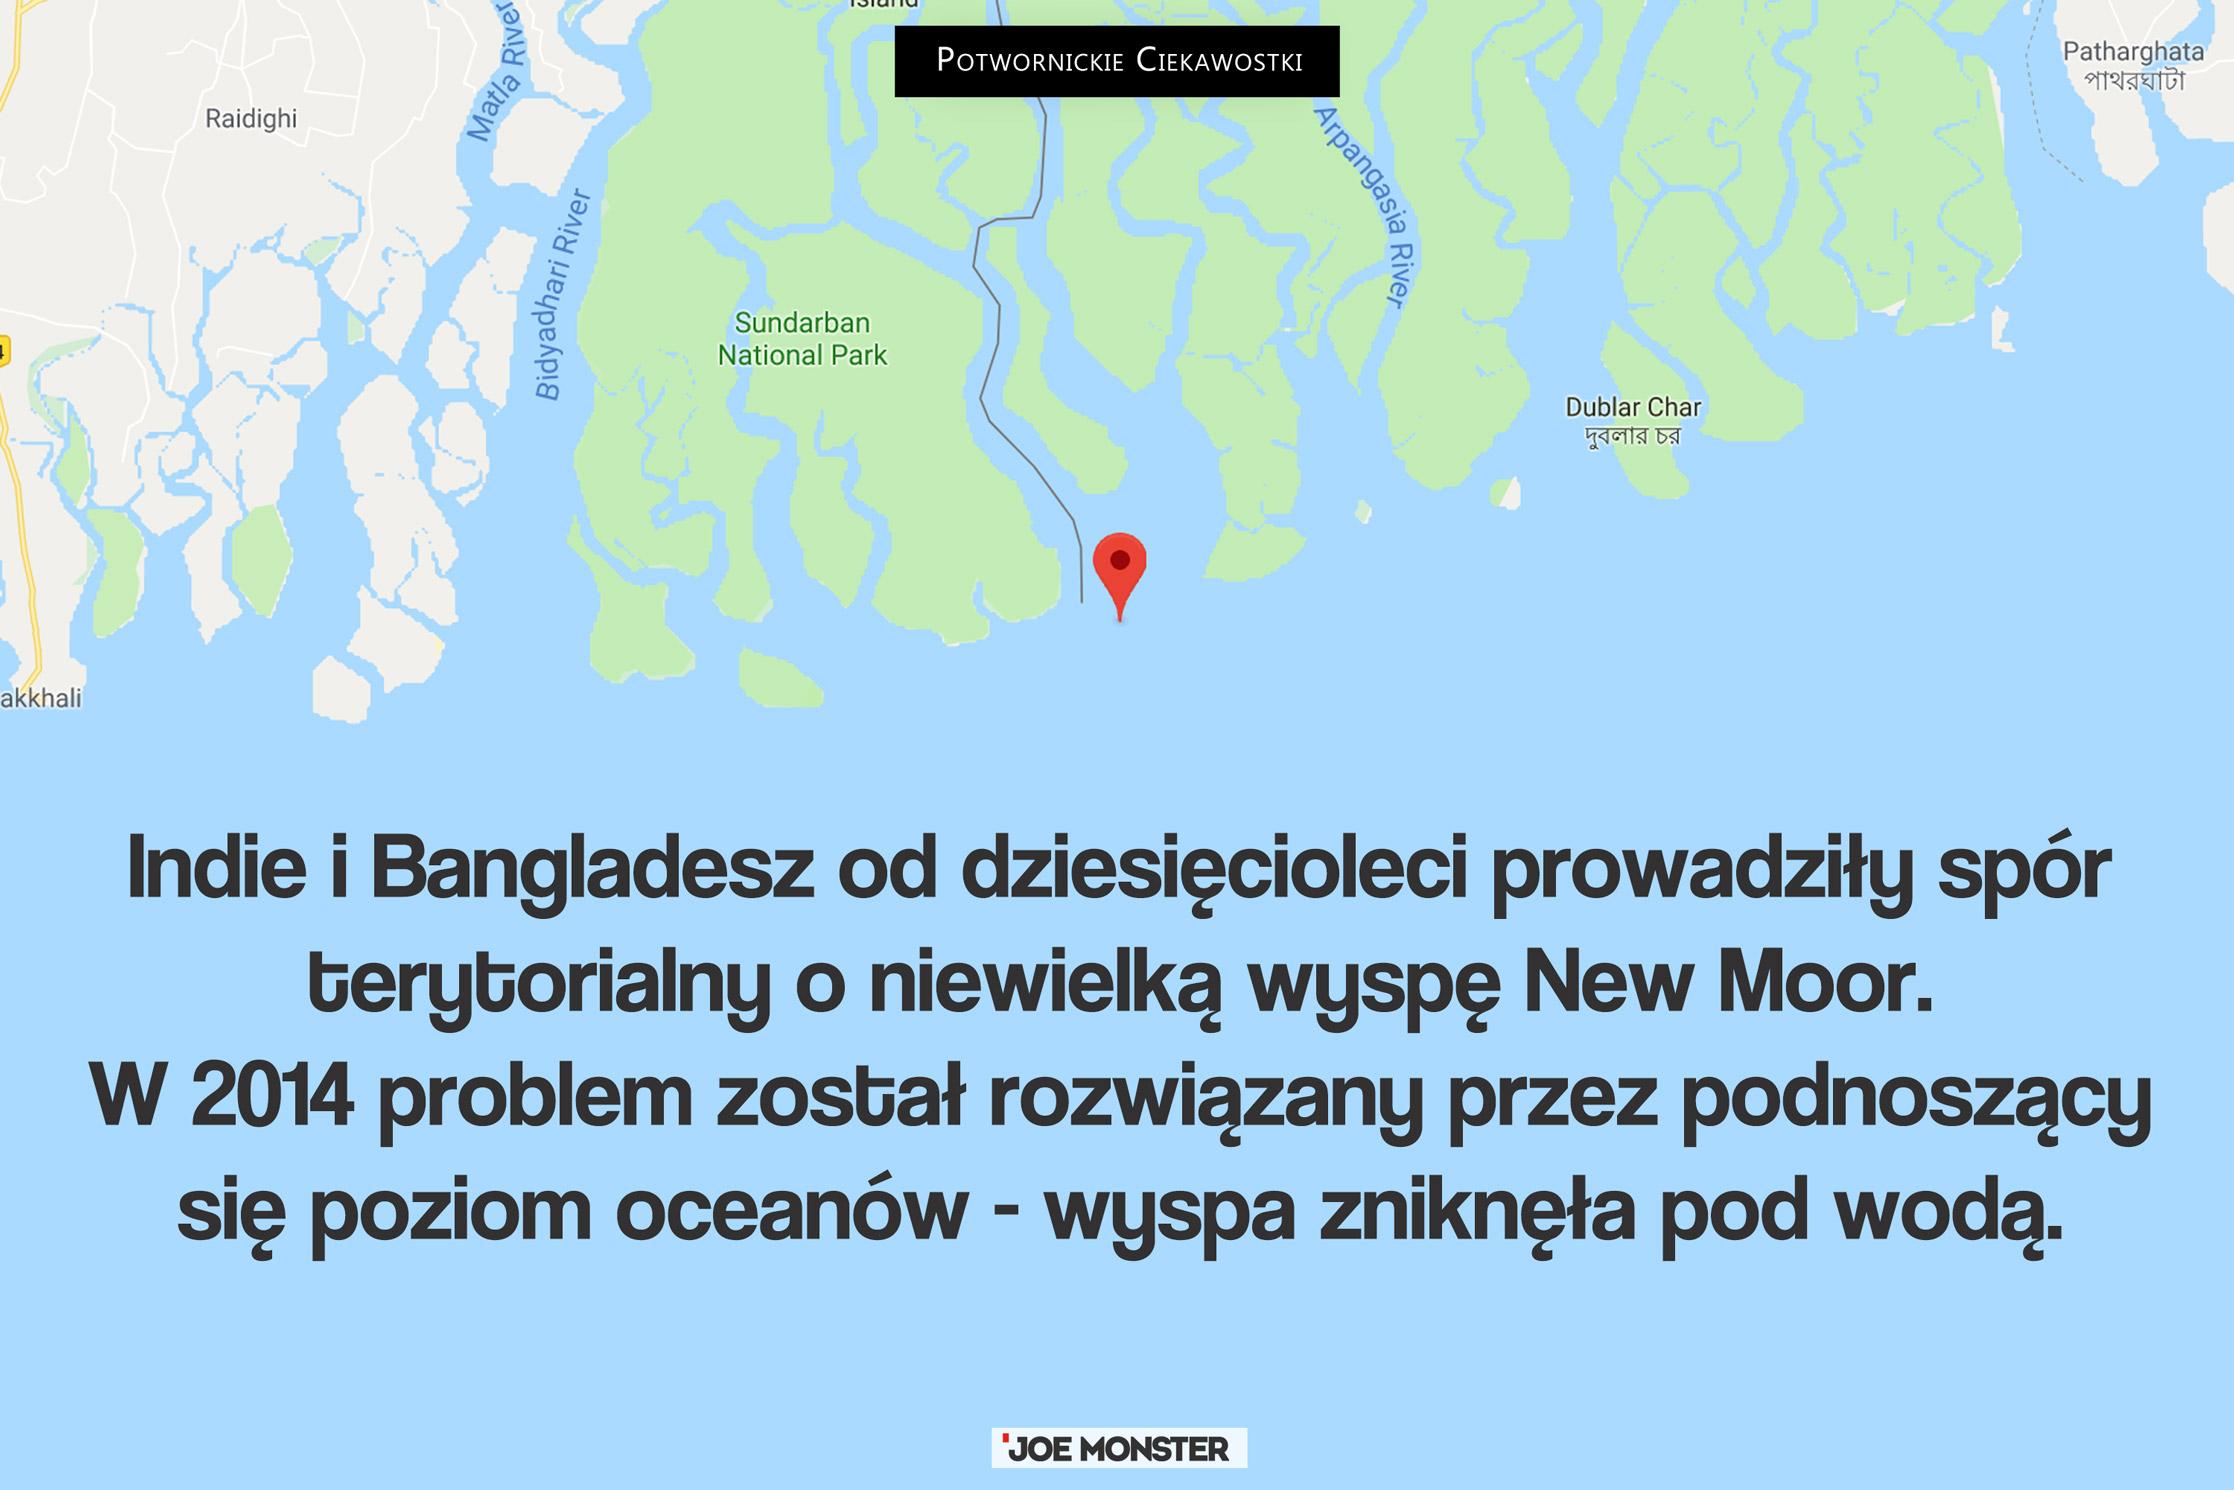 Indie i Bangladesz od dziesięcioleci prowadziły spór terytorialny o niewielką wyspę New Moor. W 2014 problem został rozwiązany przez podnoszący się poziom wód - wyspa zniknęła pod wodą.